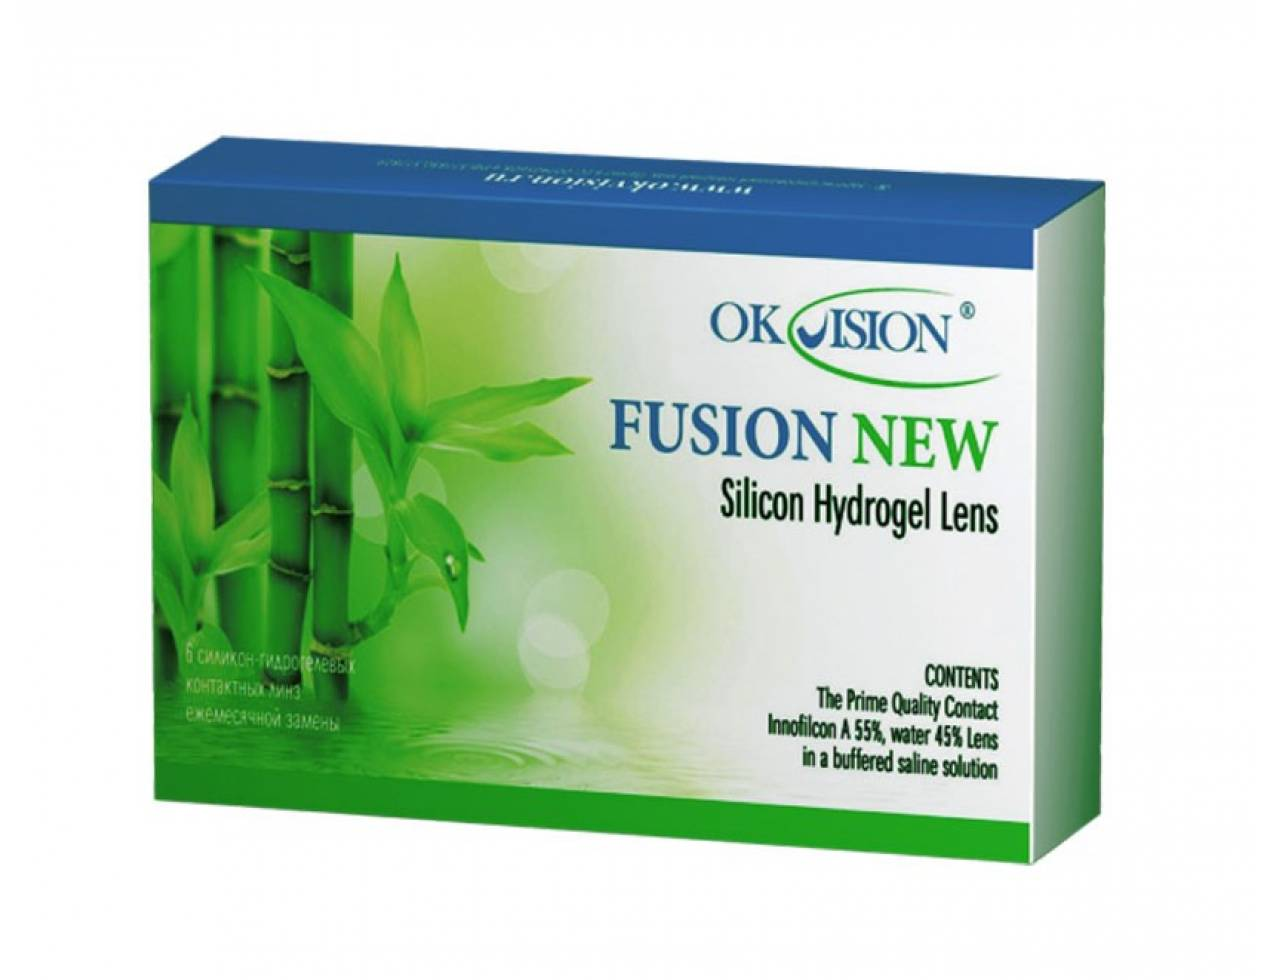 Месячные контактные линзы OkVision Fusion New - Фото №7